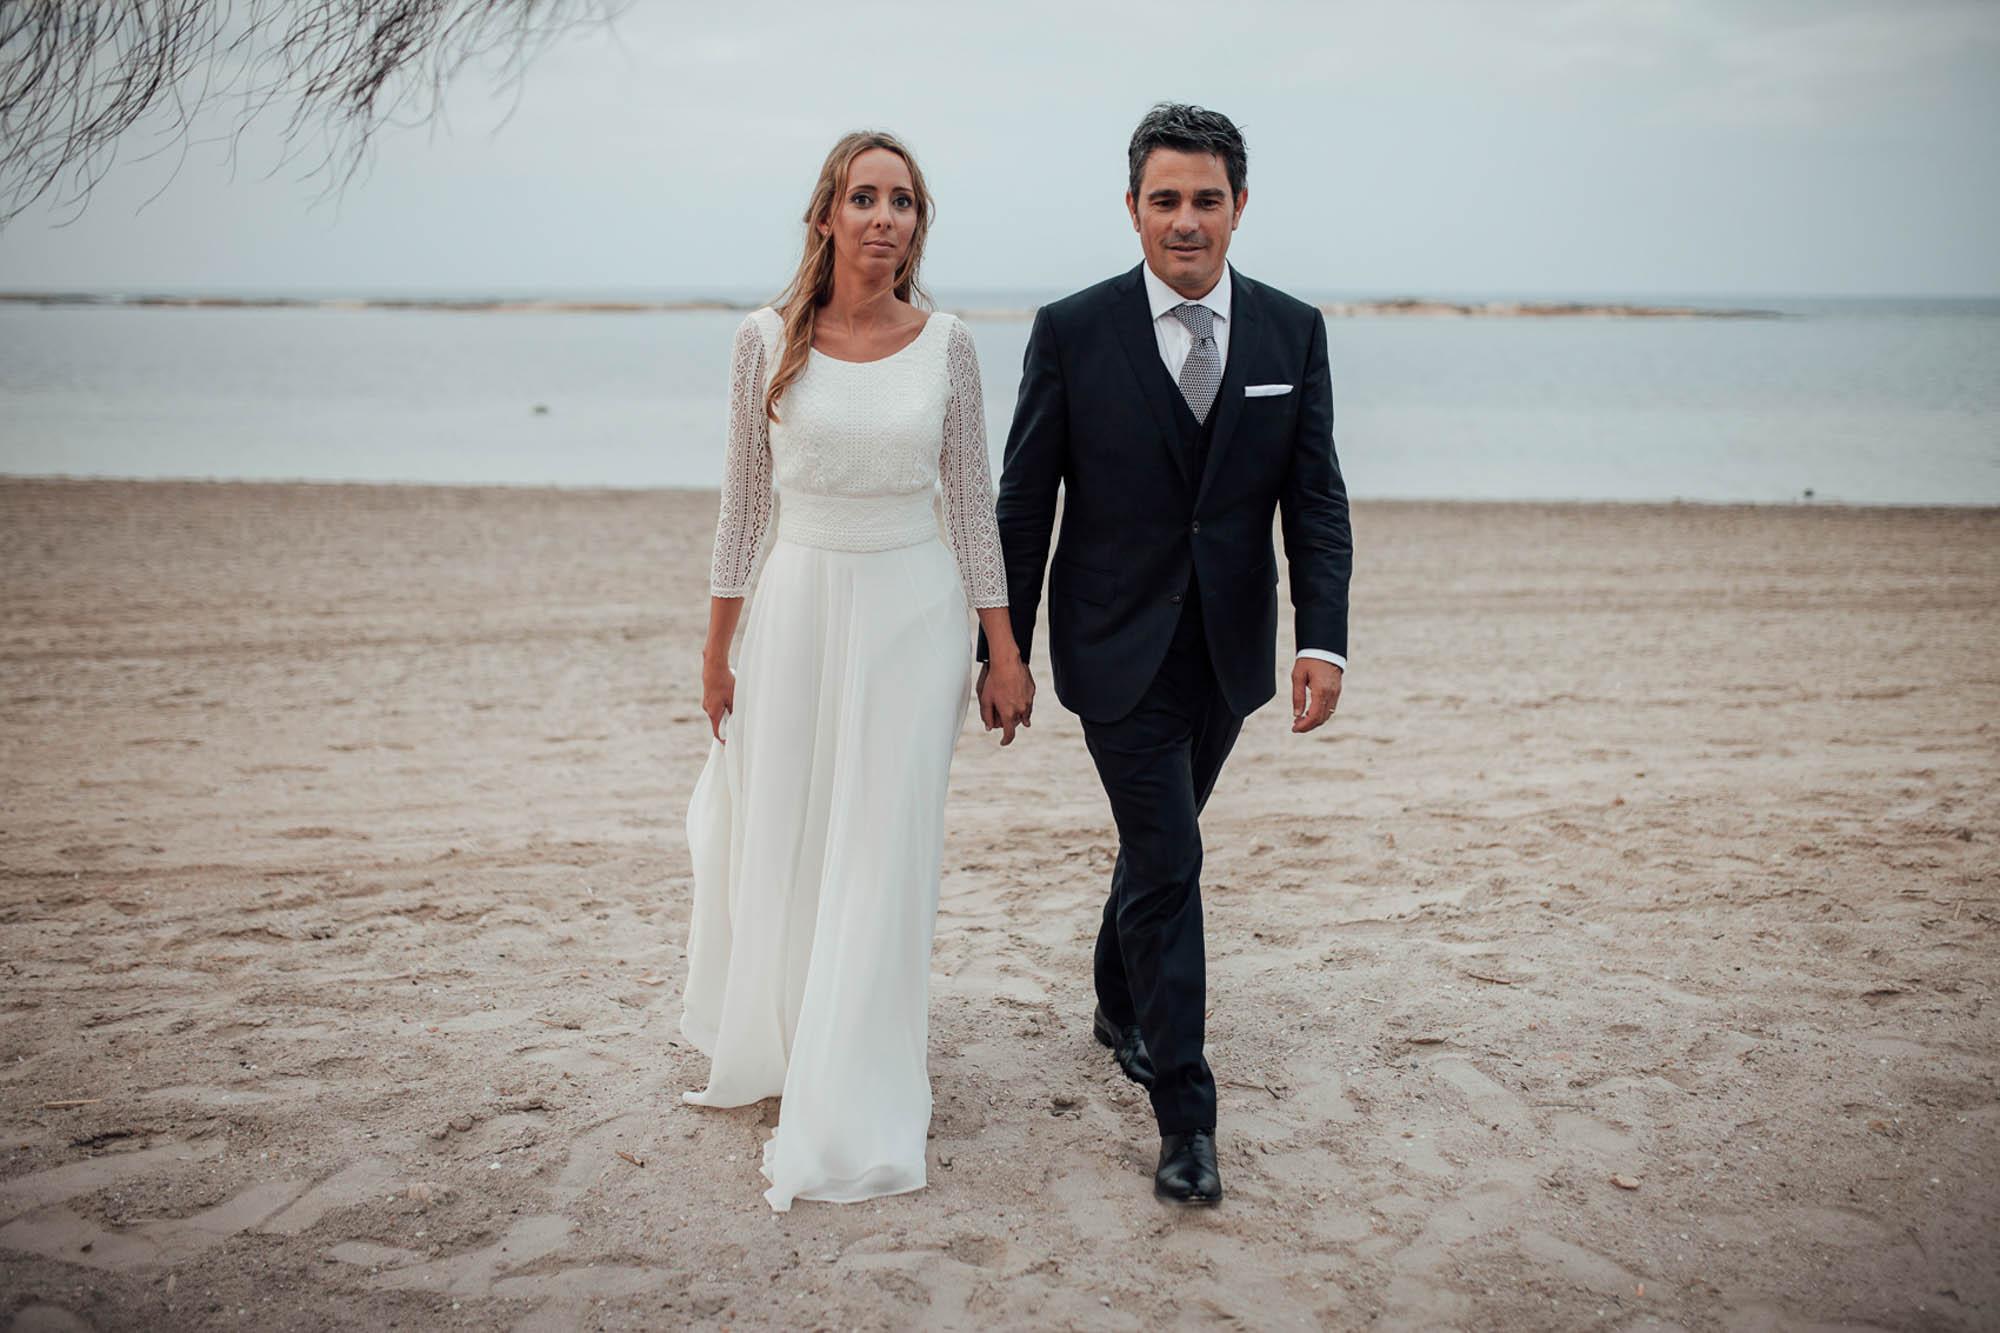 Cabo de Palos playa pareja casados fotografia paseo